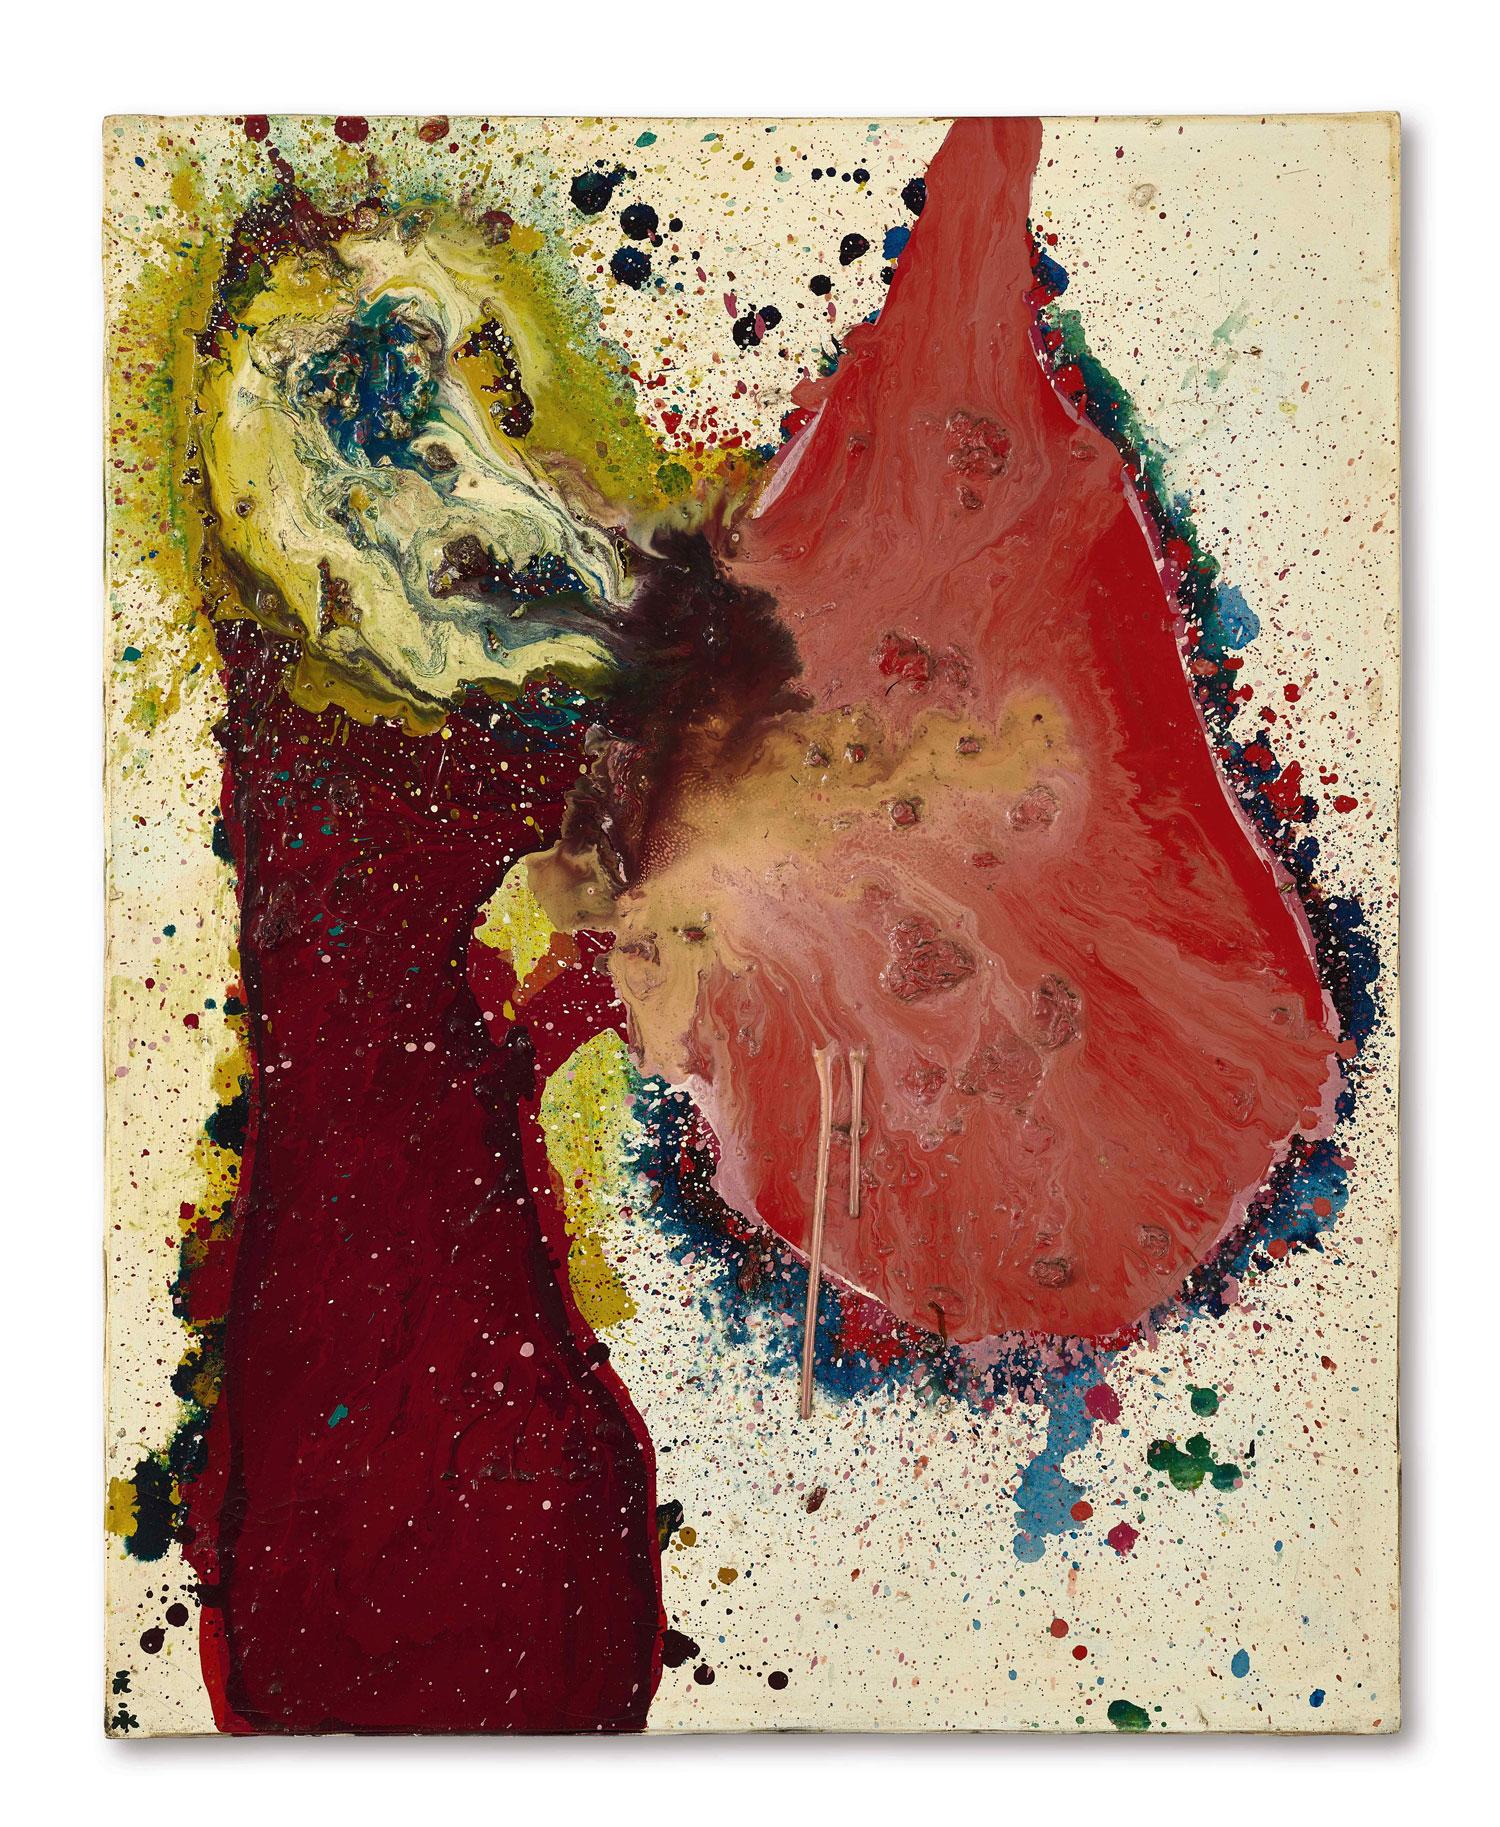 元永定正《作品》 1964年作,油畫畫布,91 x 73公分